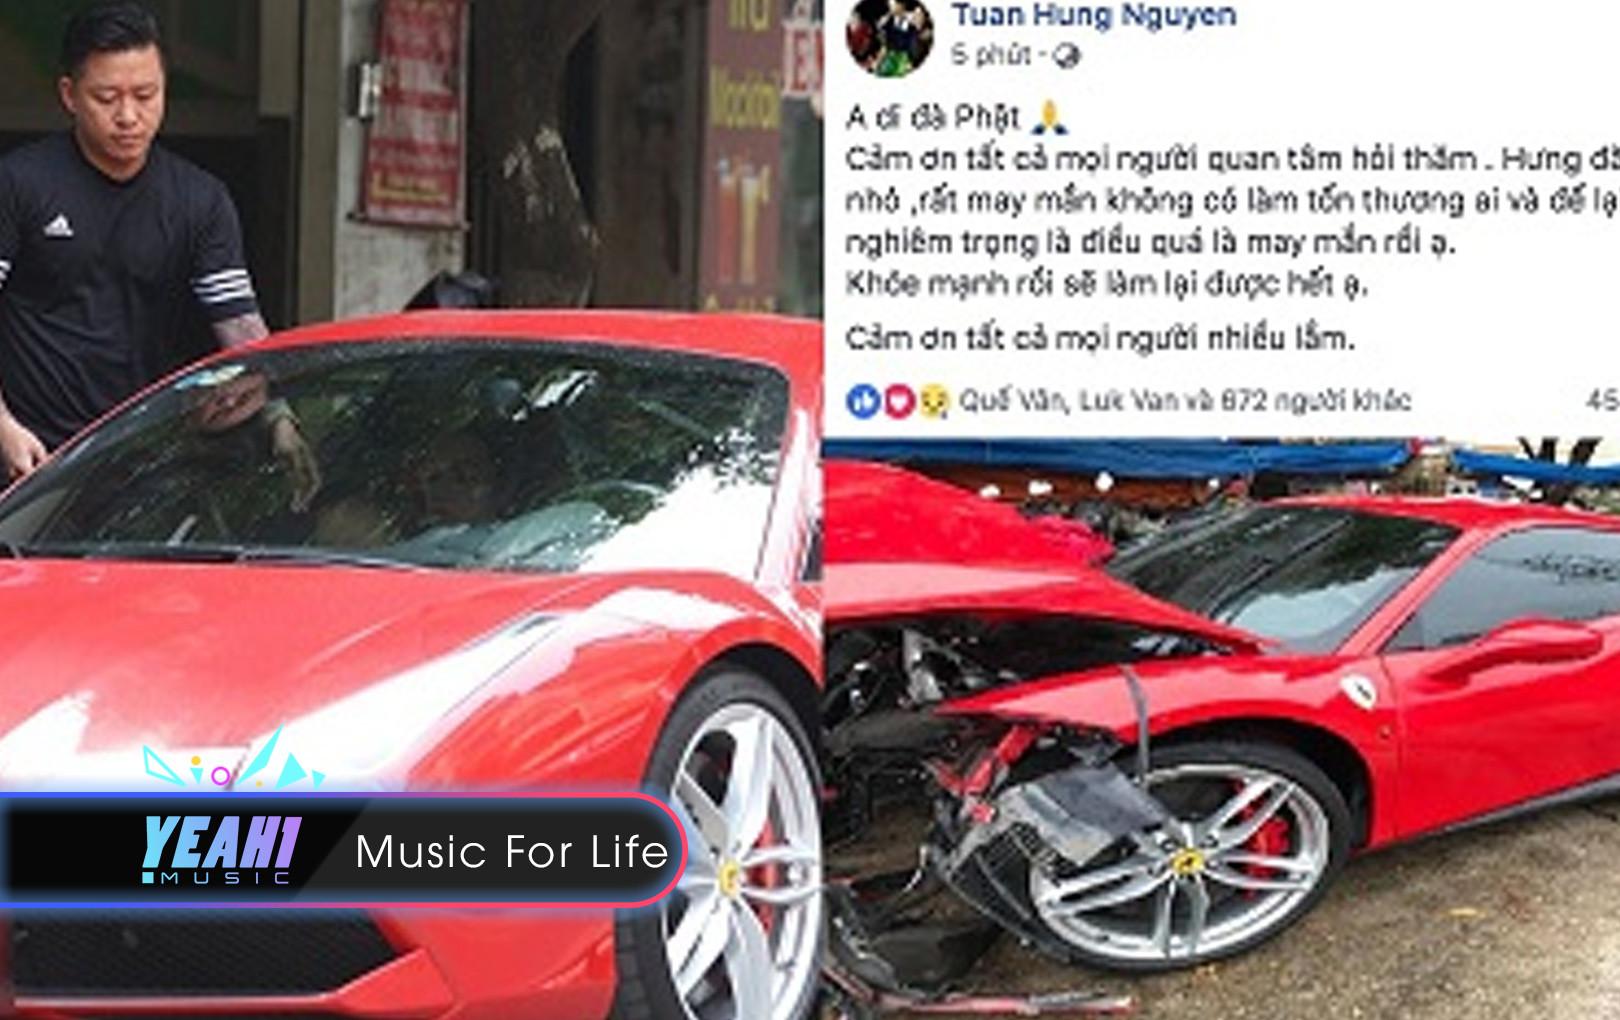 Sau một thời gian im lặng, Tuấn Hưng đã chính thức lên tiếng về loạt ảnh siêu xe Ferrari 16 tỷ đồng gặp tai nạn đến biến dạng phần mui.